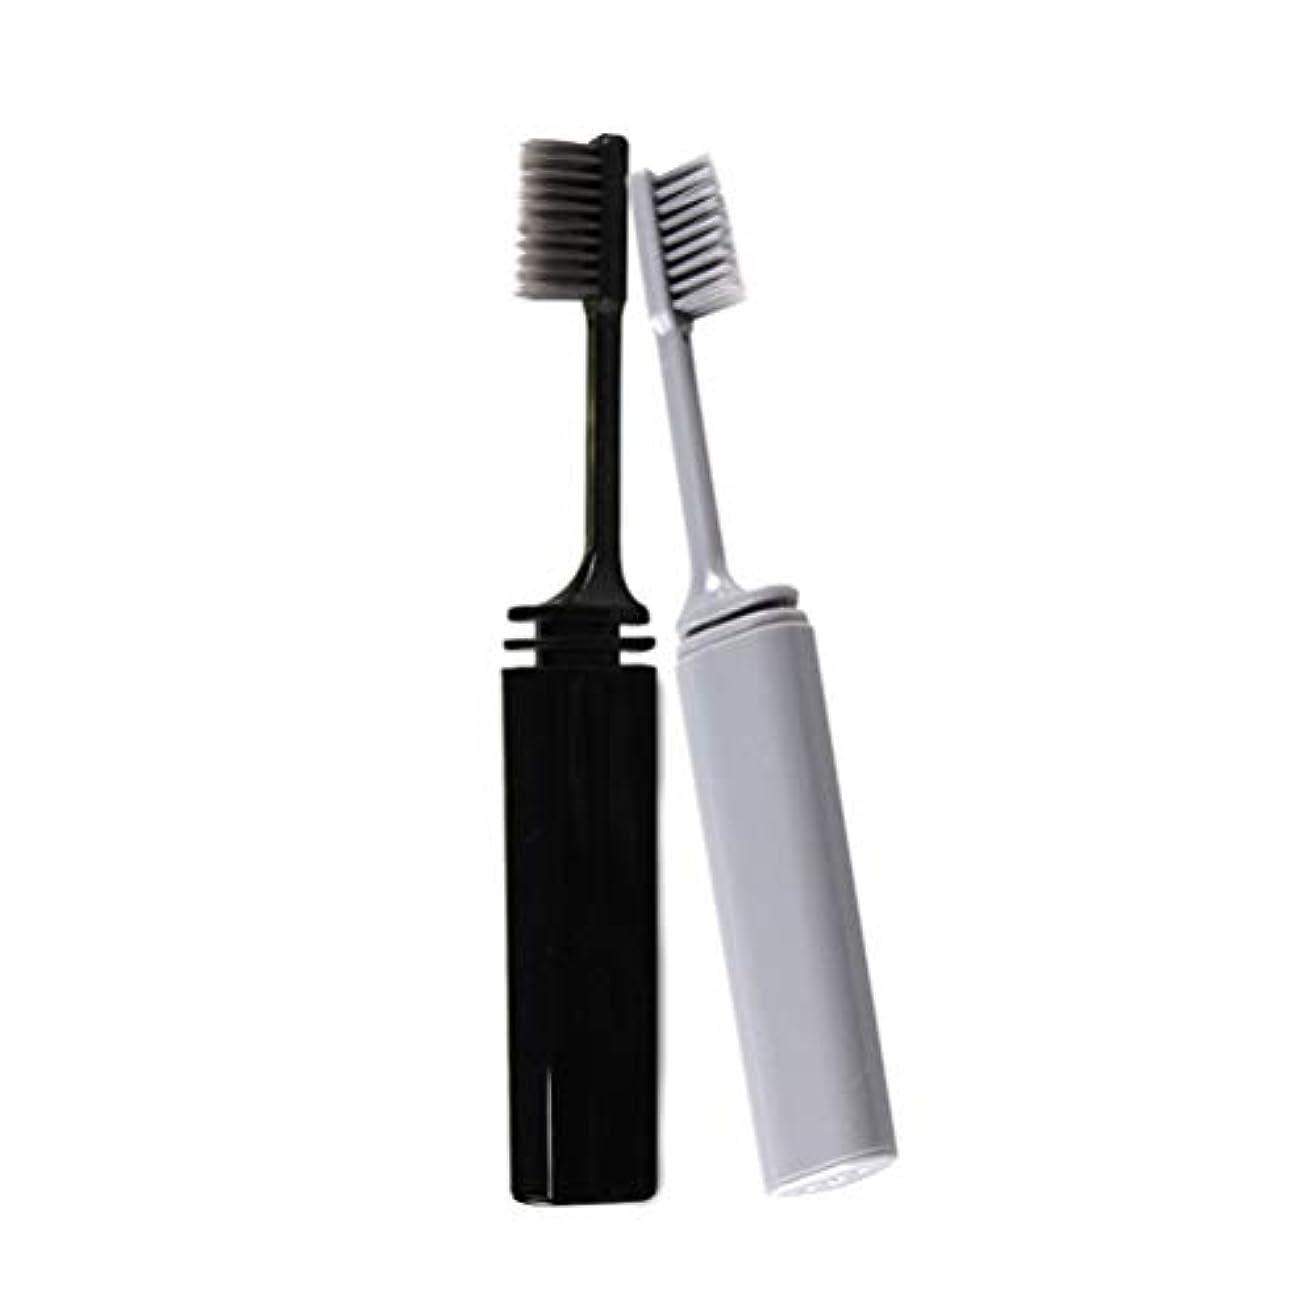 けん引境界囚人Healifty 2ピースポータブル旅行歯ブラシ折りたたみ竹炭剛毛歯ブラシ用オフィスホームホテルゲスト